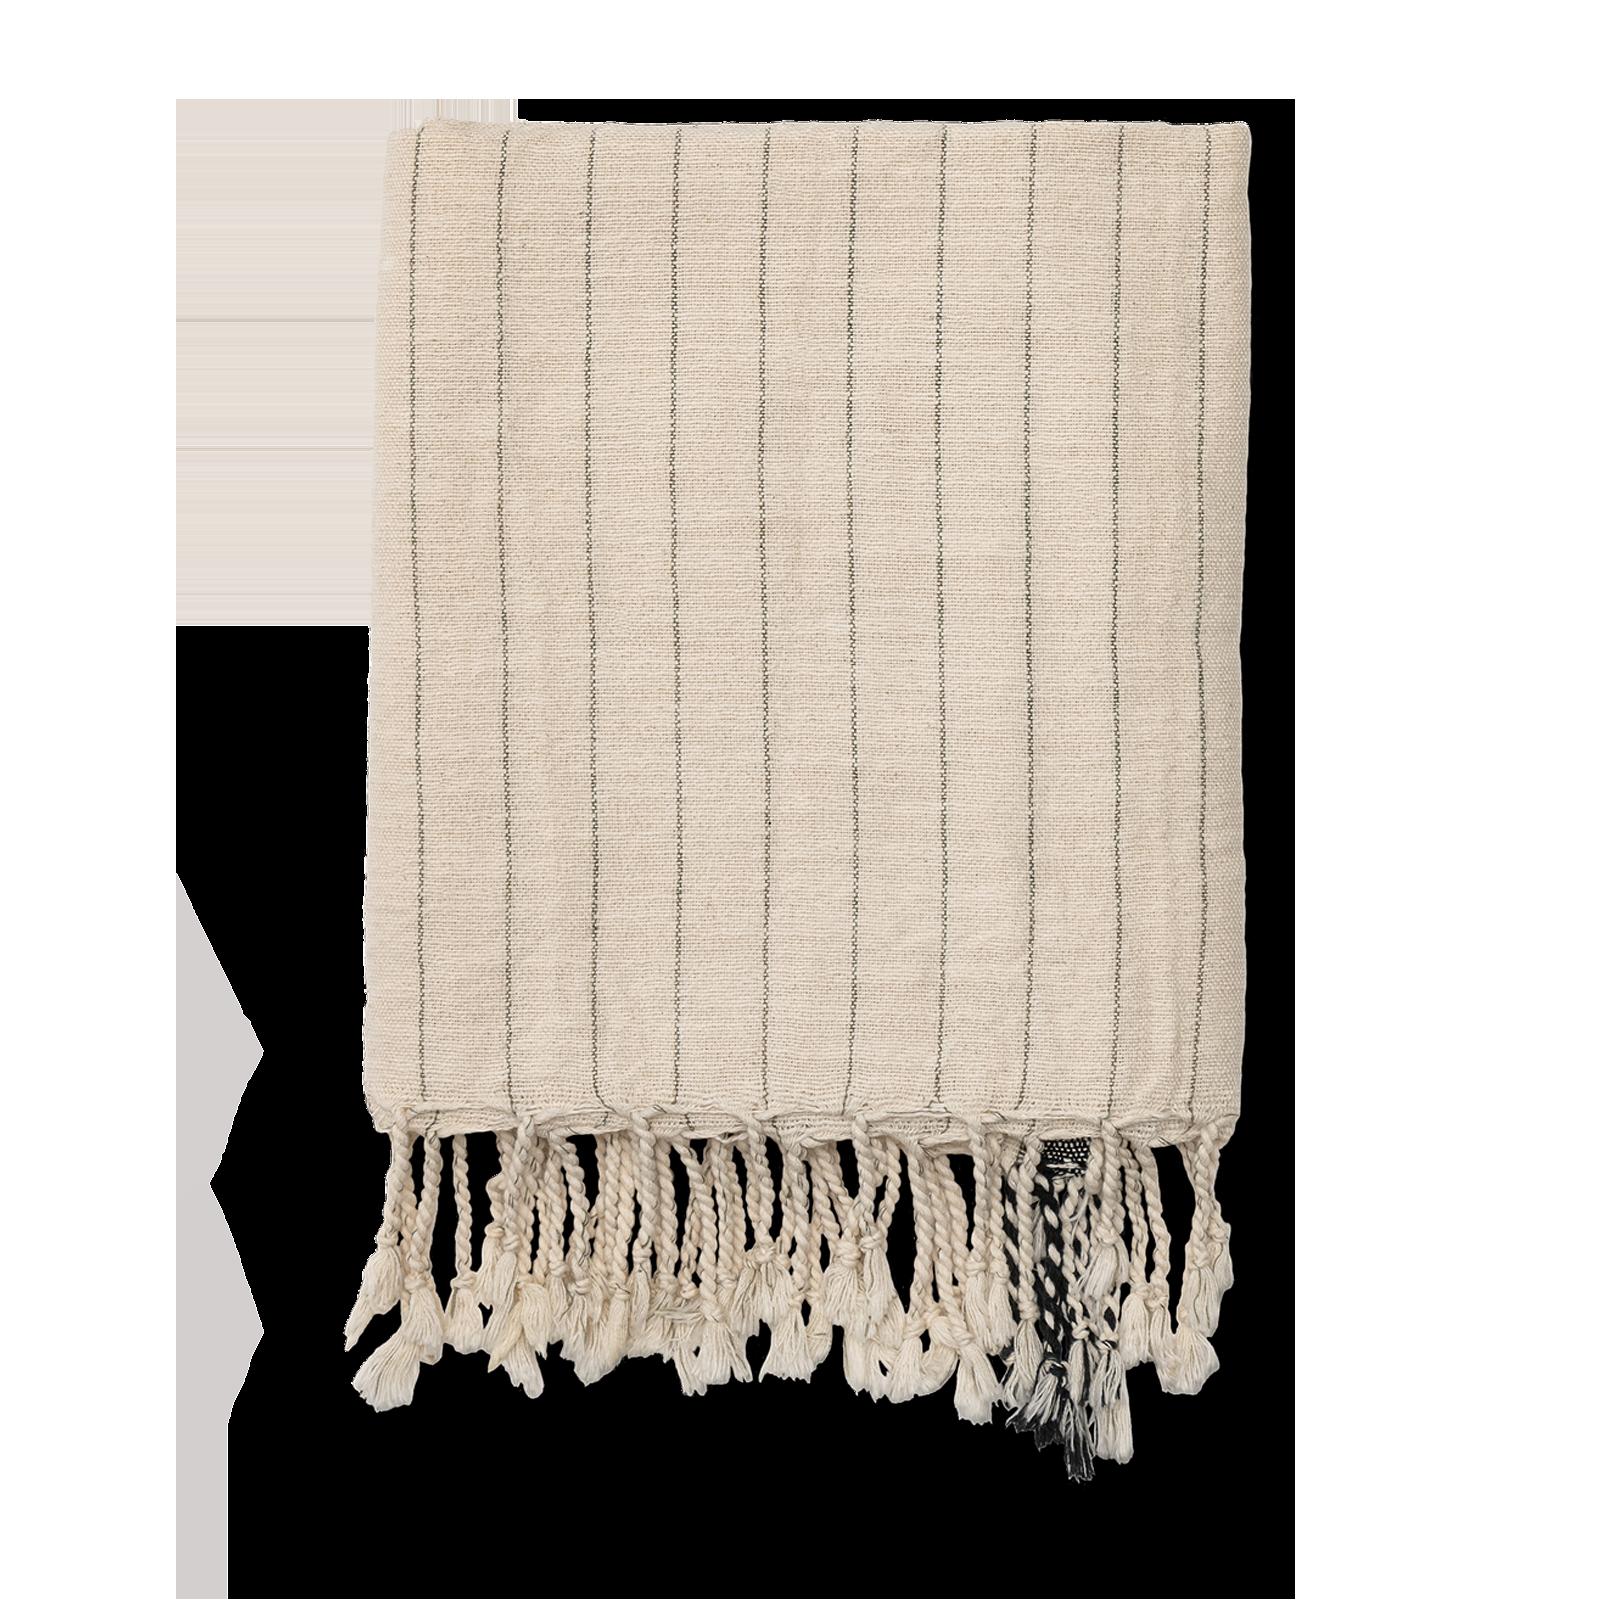 Folded blanket product image